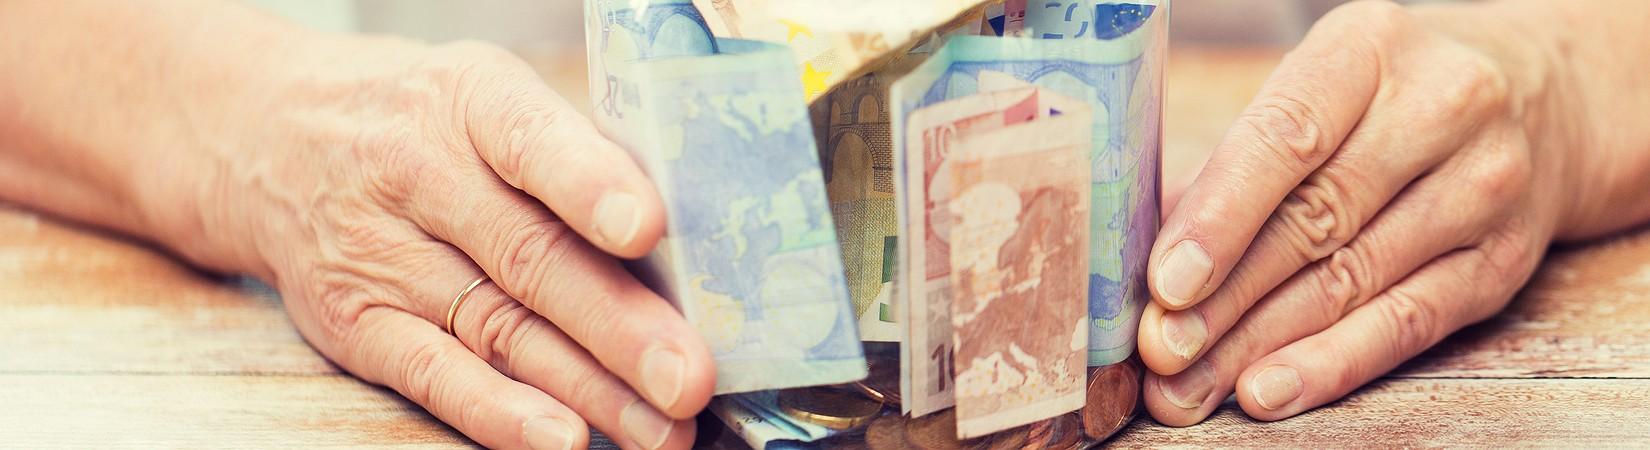 10 вещей о личных финансах, которые должен знать каждый